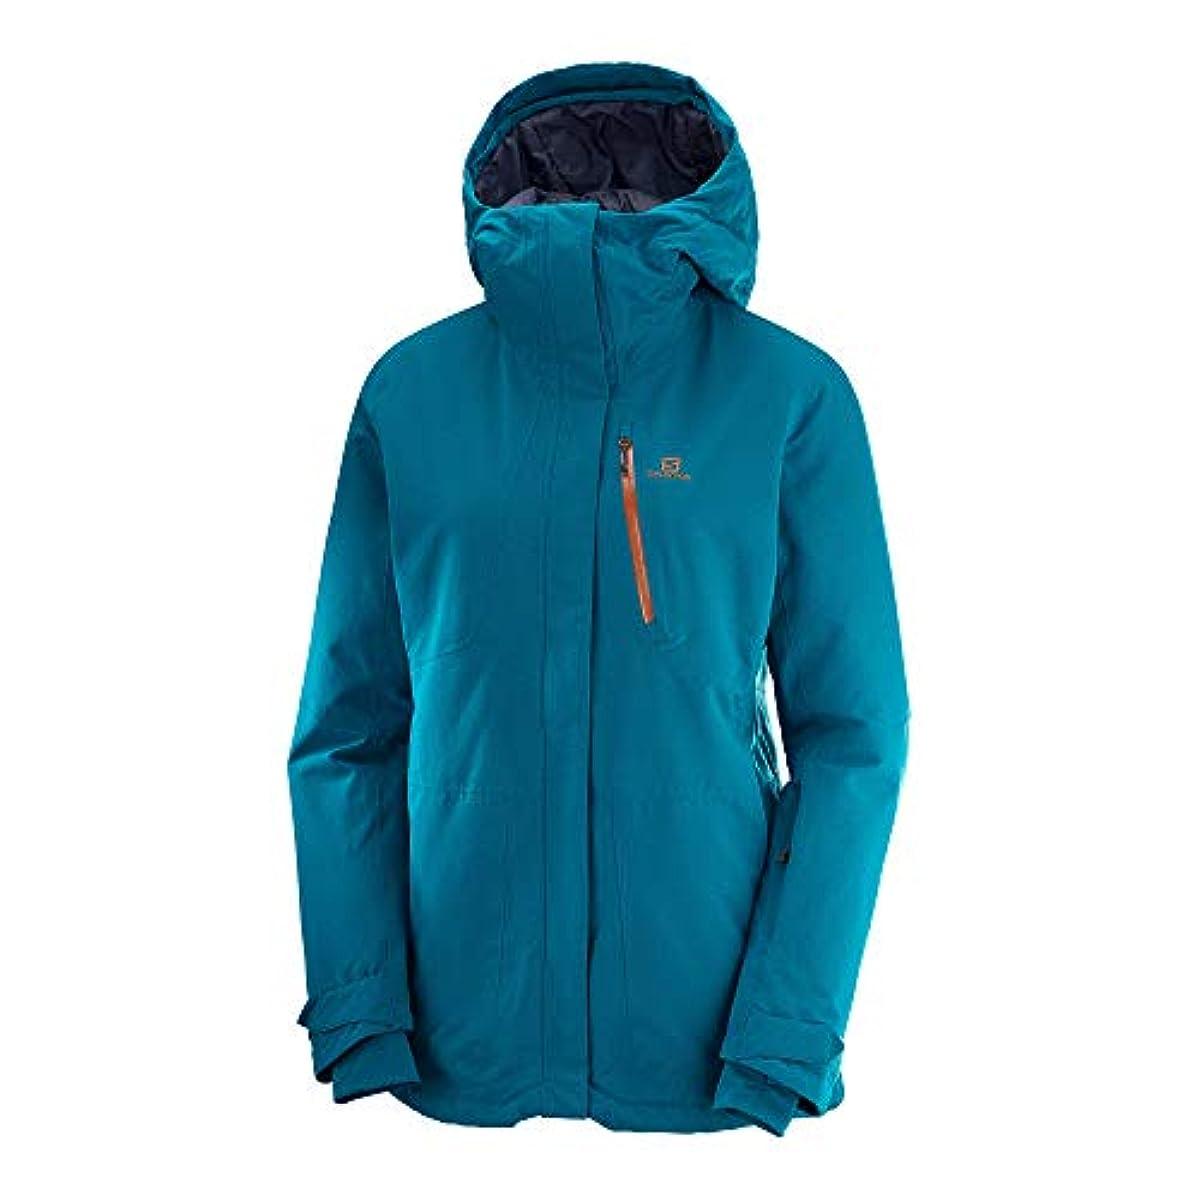 [해외] 살로몬SALOMON 스키 웨어 레이디스 재킷 QUEST SNOW JACKET WOMEN 퀘스트quest 스노우 재킷 레이디스 2019-20년 모델 사이즈XS~M